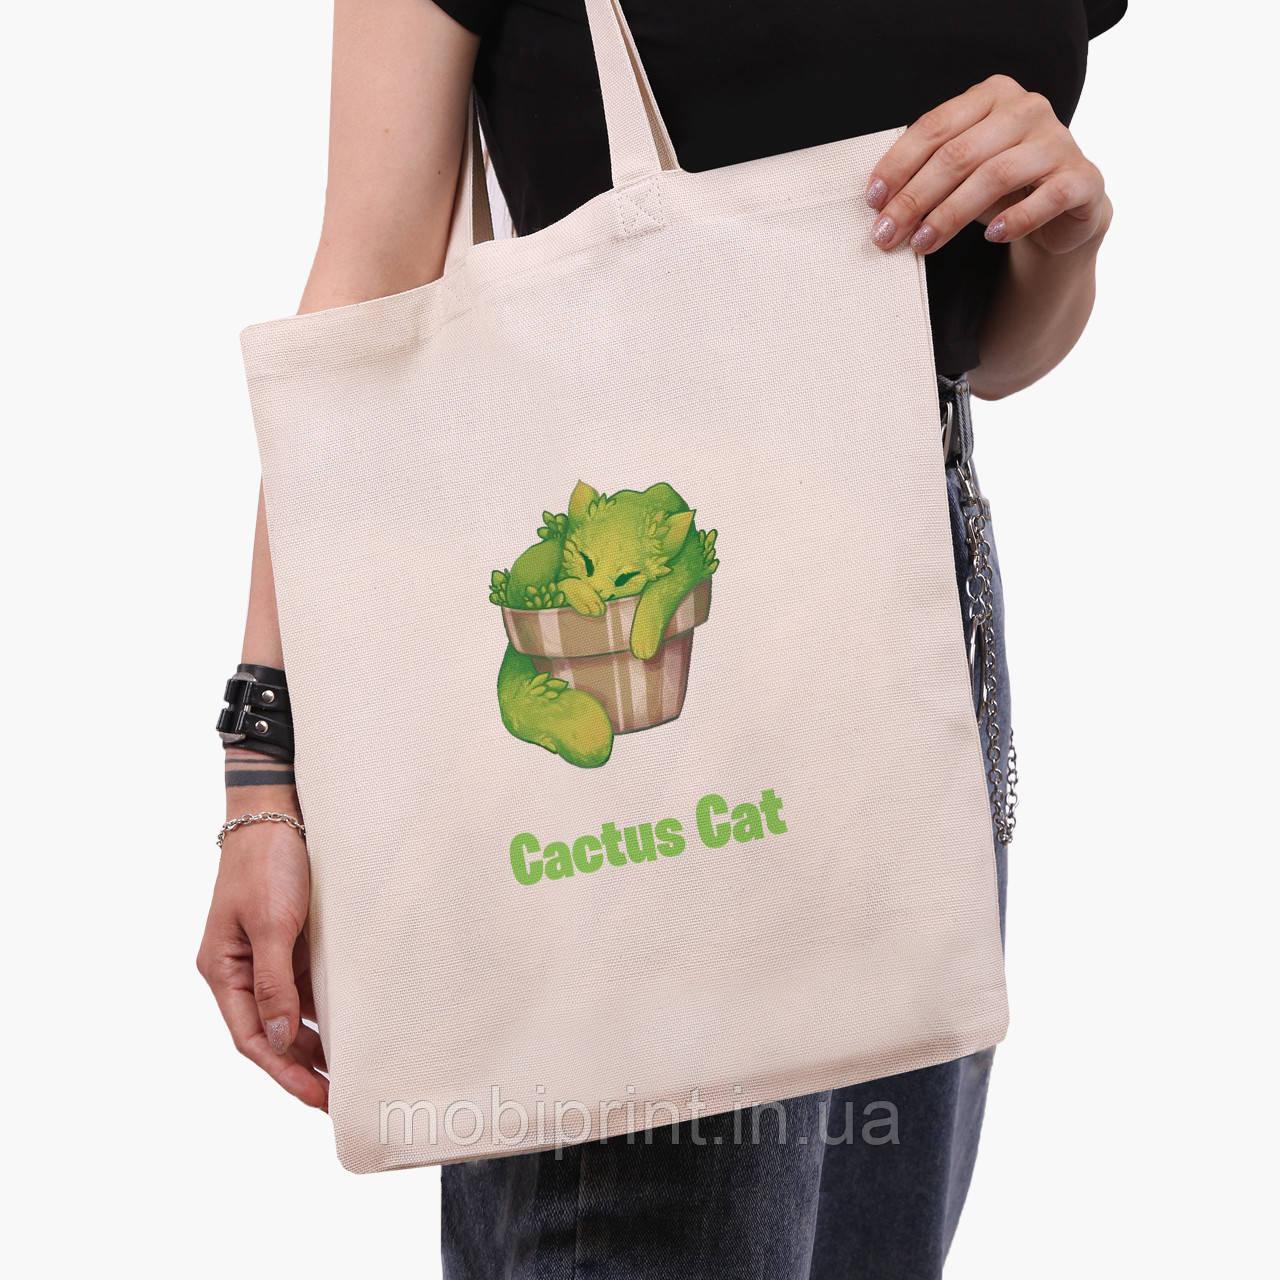 Еко сумка шоппер Екологія (Ecology) (9227-1335) екосумка шопер 41*35 см